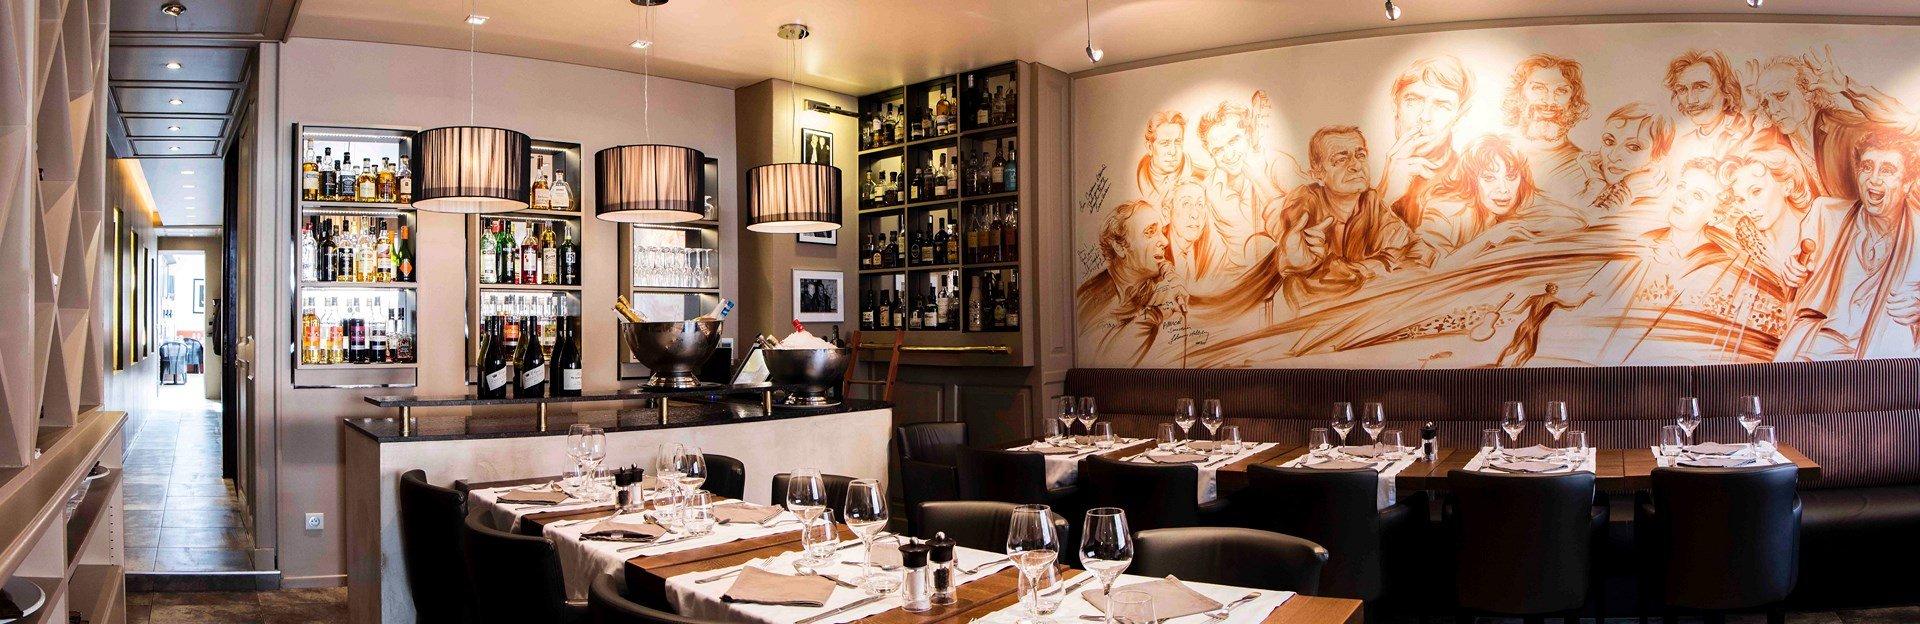 Restaurant Toulouse Les Copains d'Abord